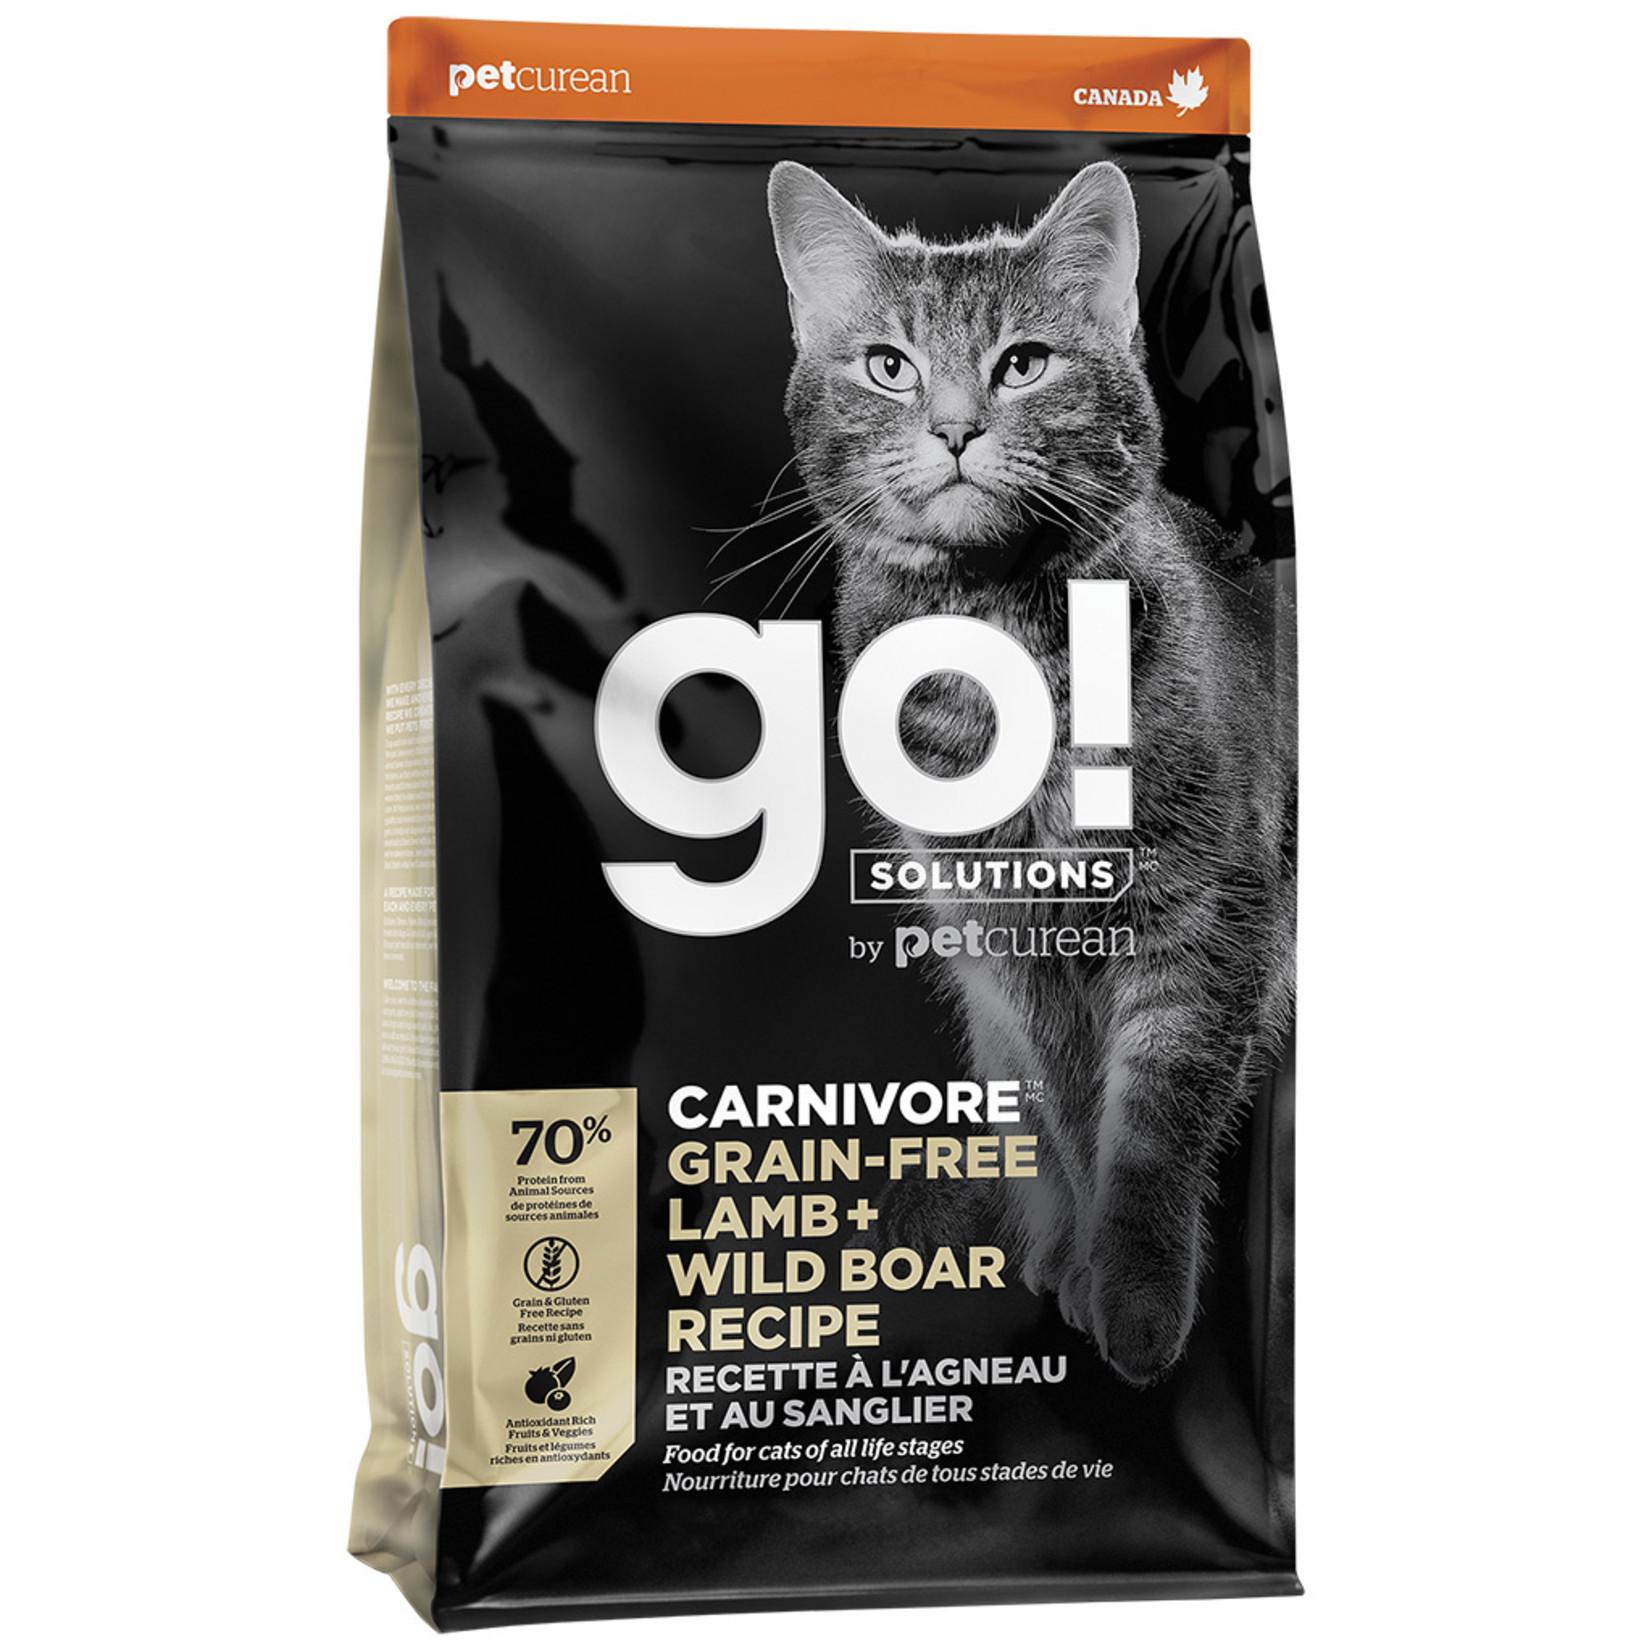 Go! Cat Carnivore Lamb + Wild Boar